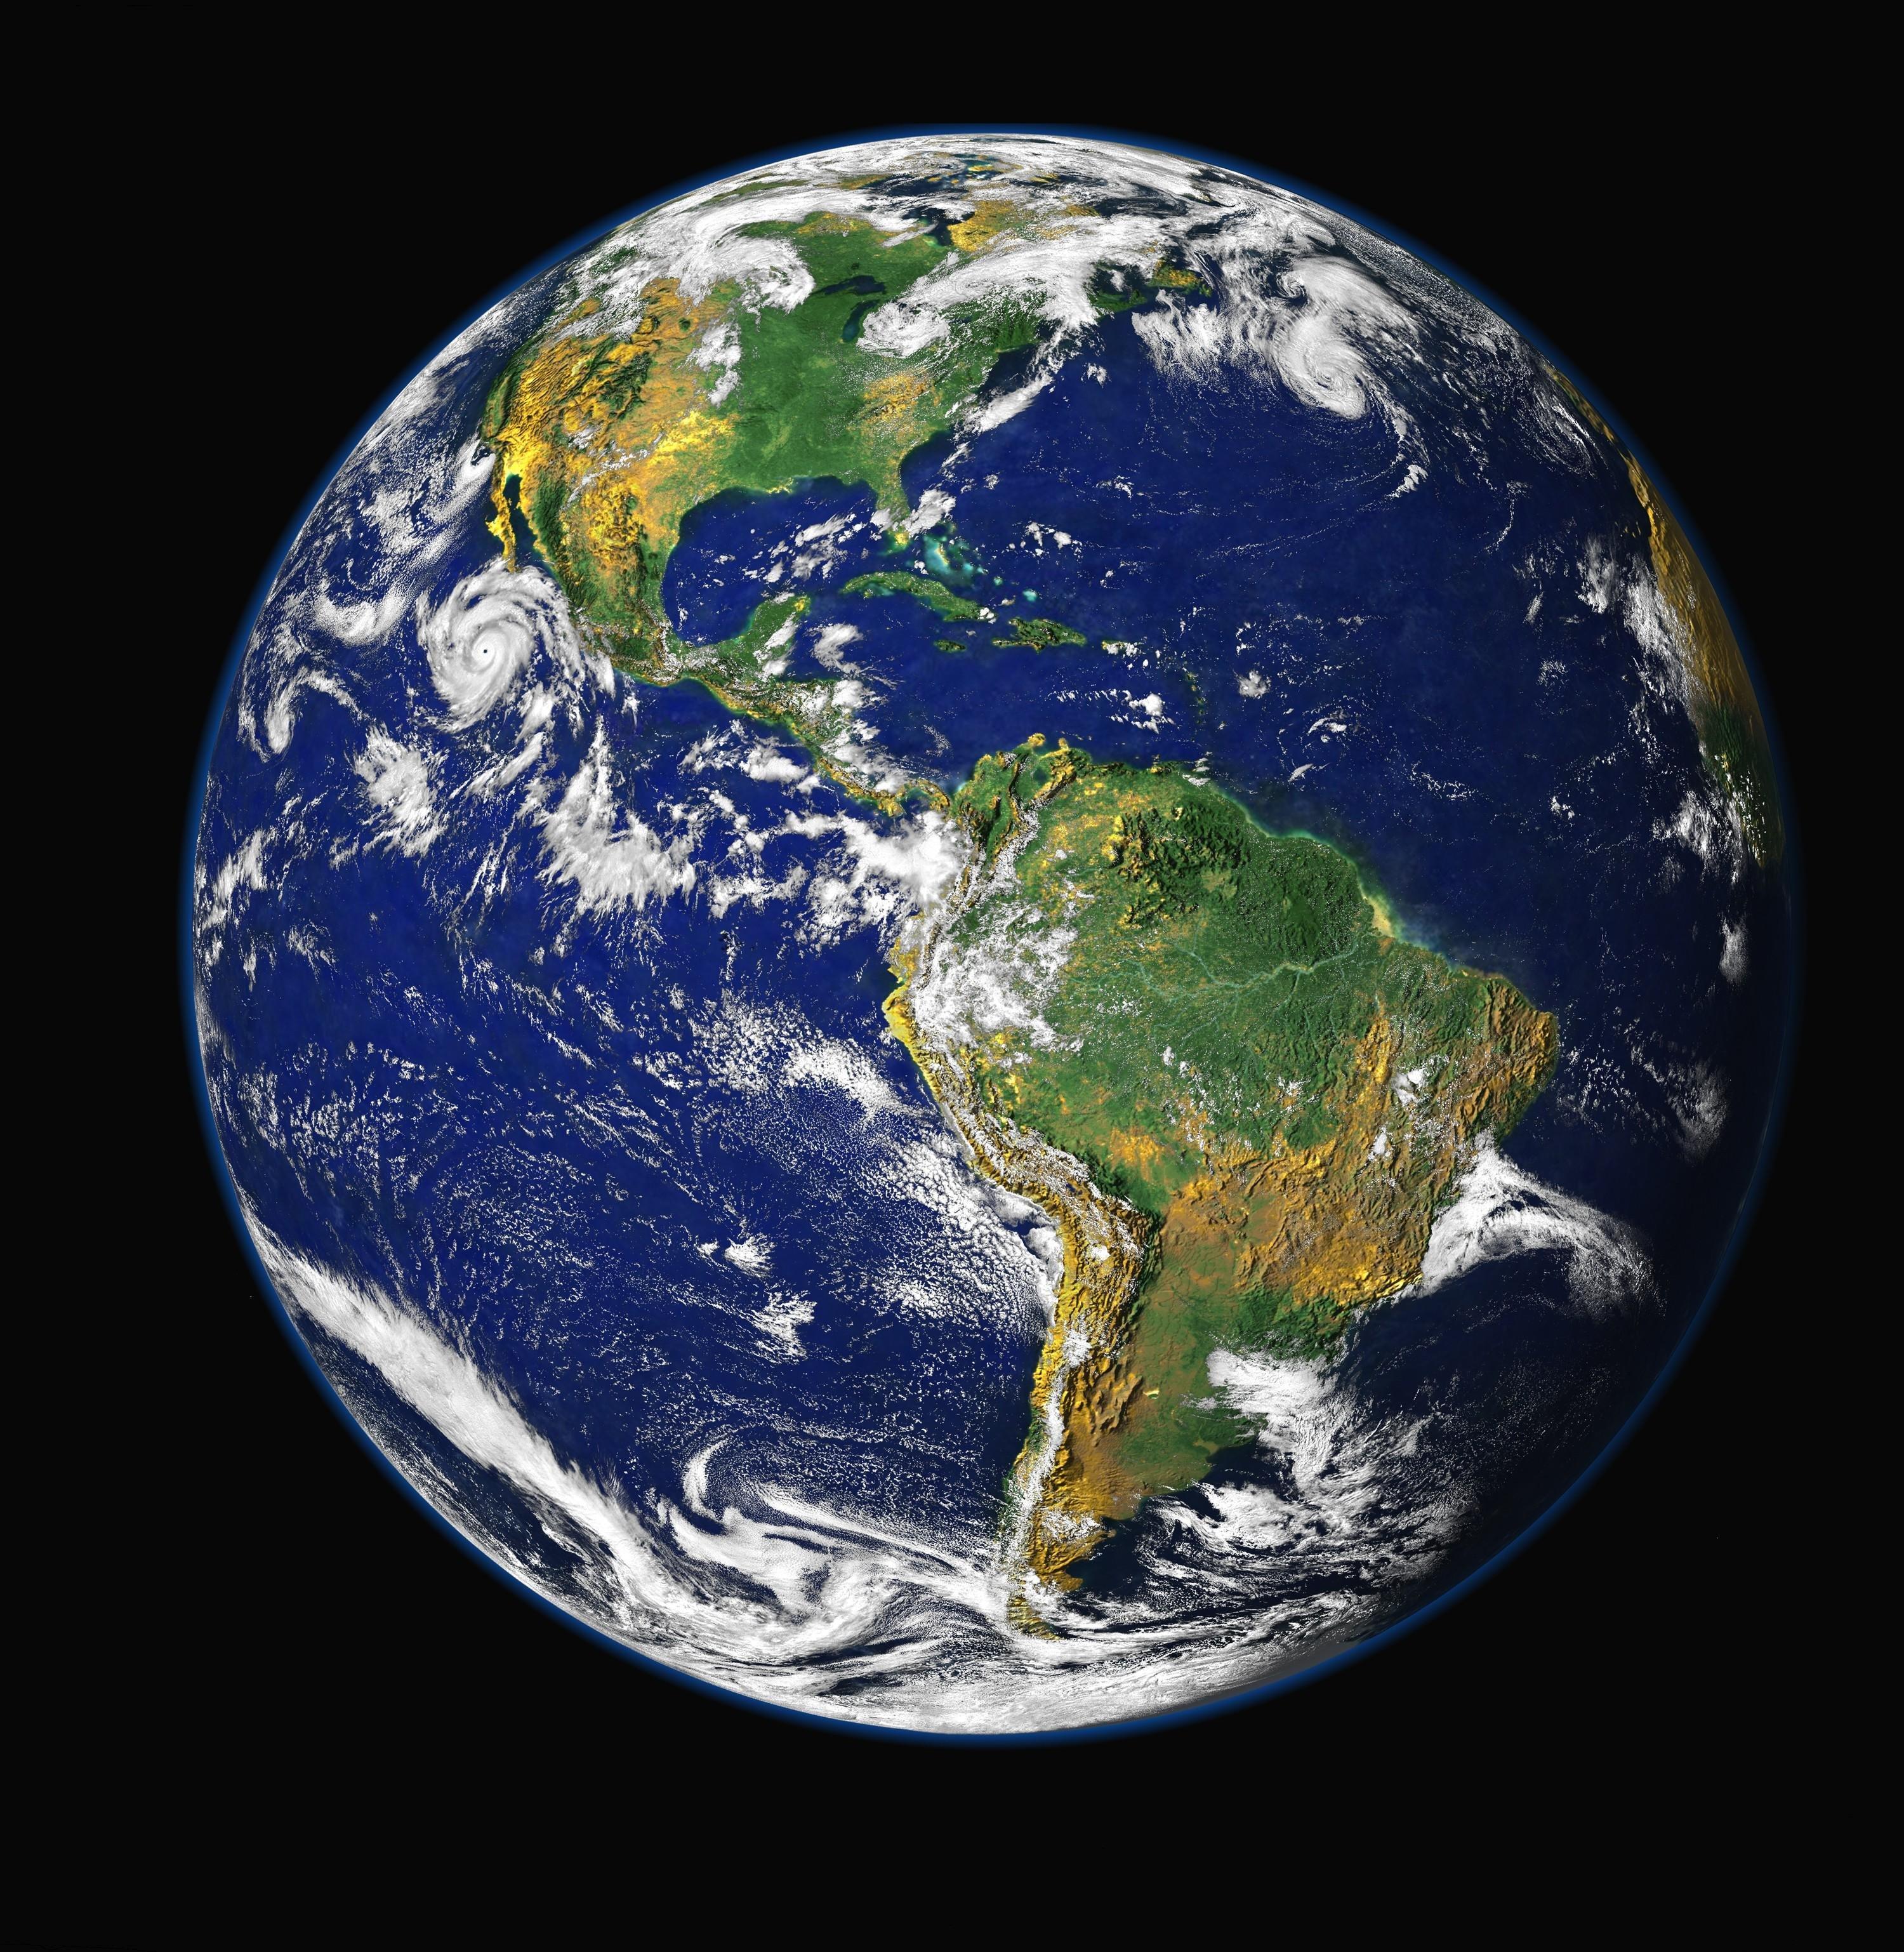 Fotos de satelites orbitando la tierra 7